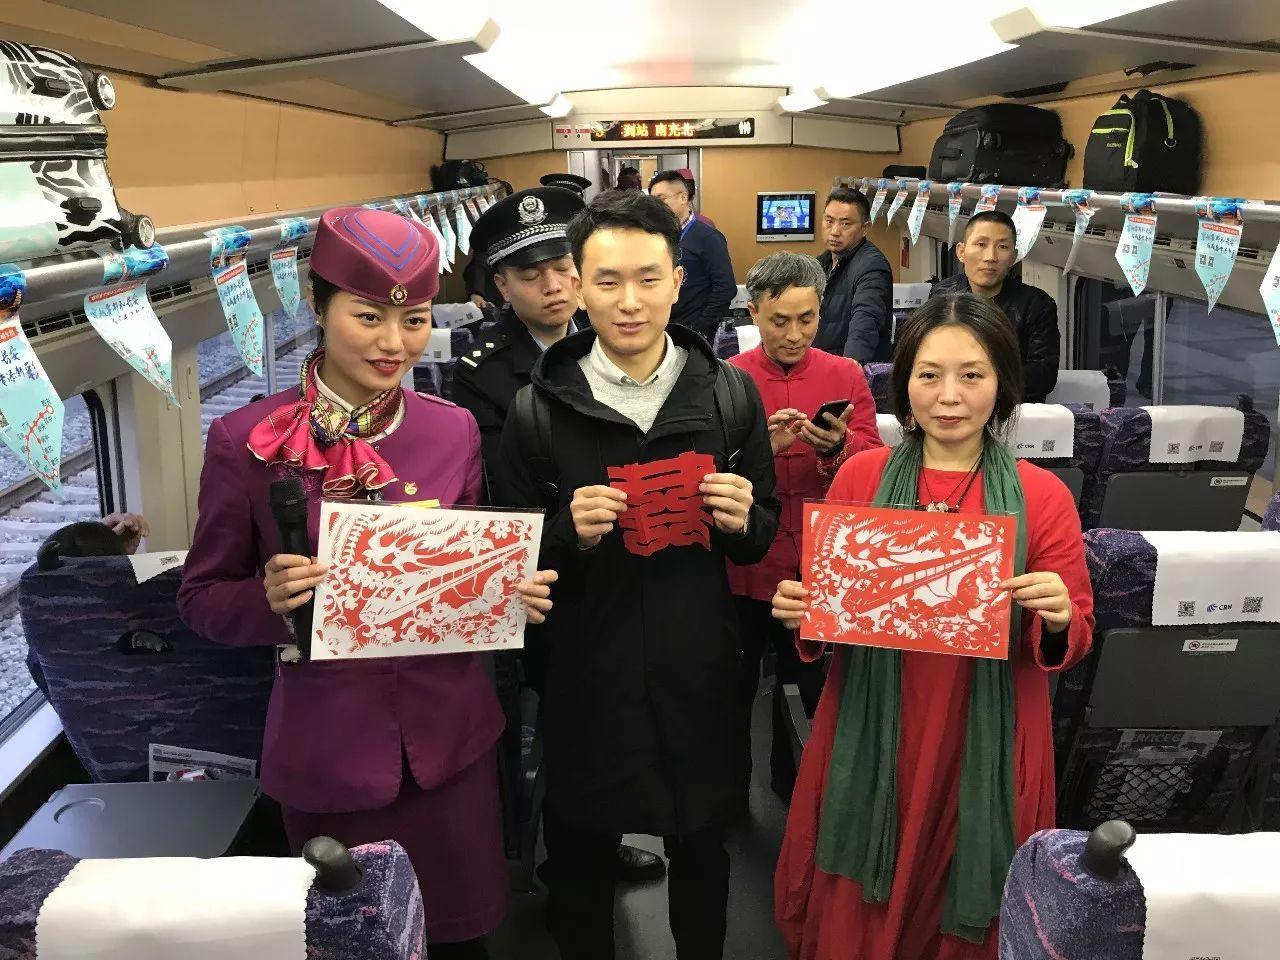 从重庆坐火车5个小时到西安,这是怎样一种感觉?日报君来告诉你